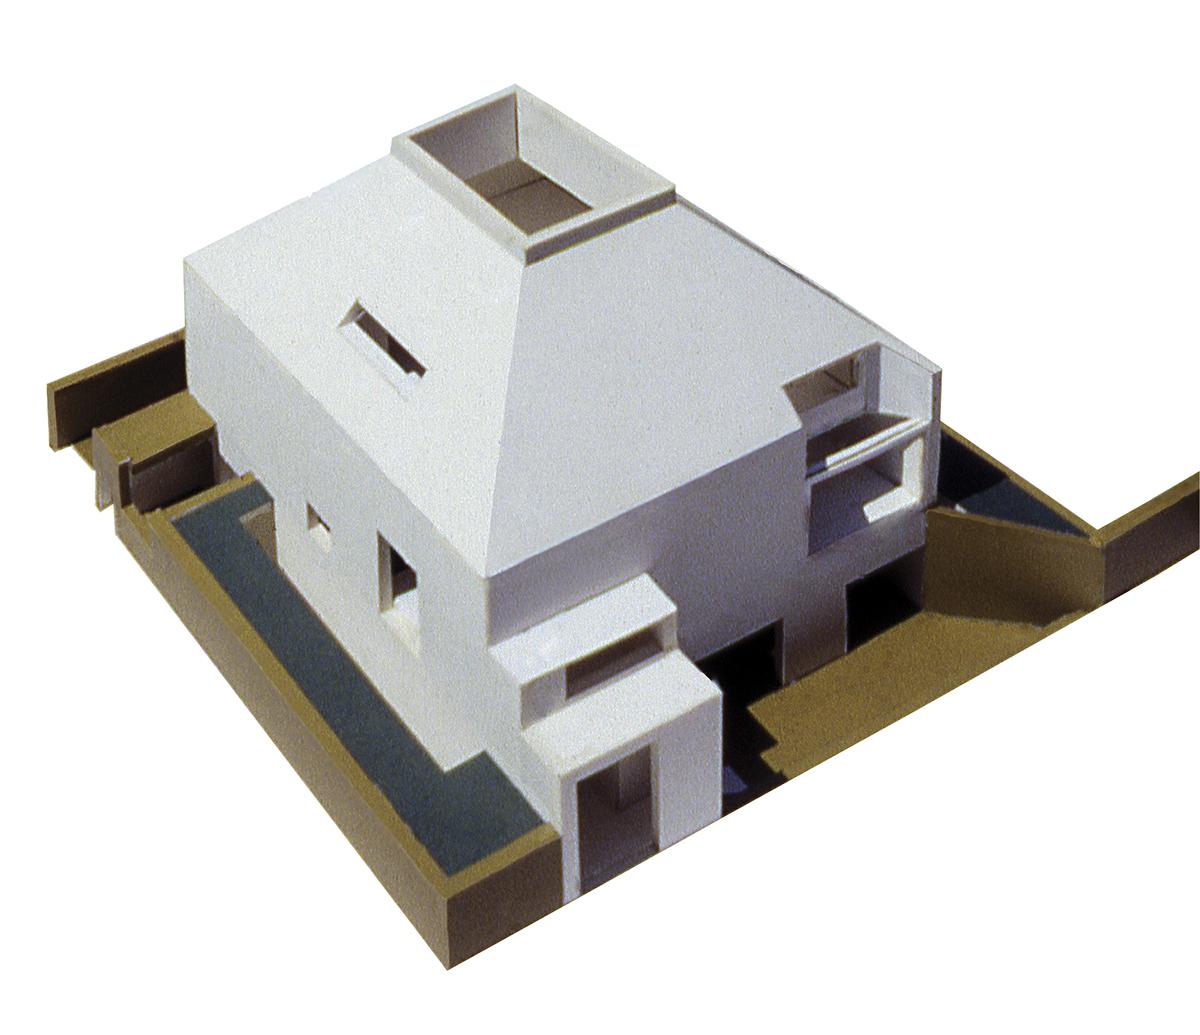 Concurso para la Sede de la Delegación del Colegio de Arquitectos